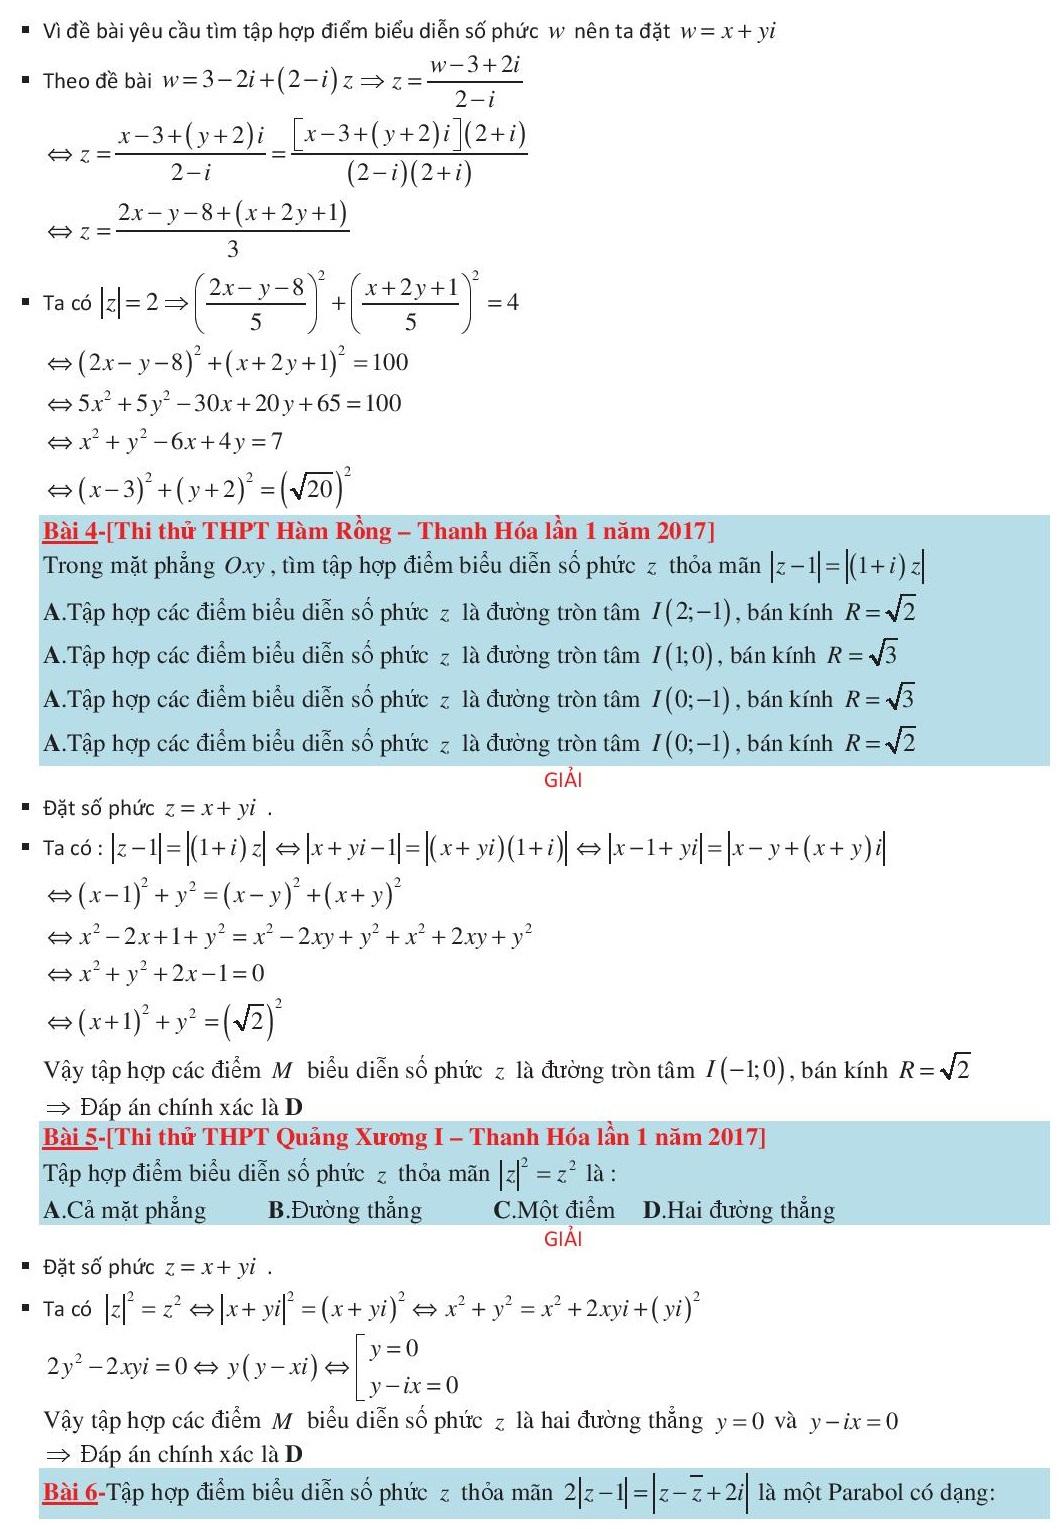 Giải dạng quỹ tích số phức bằng máy tính casio (7).jpg